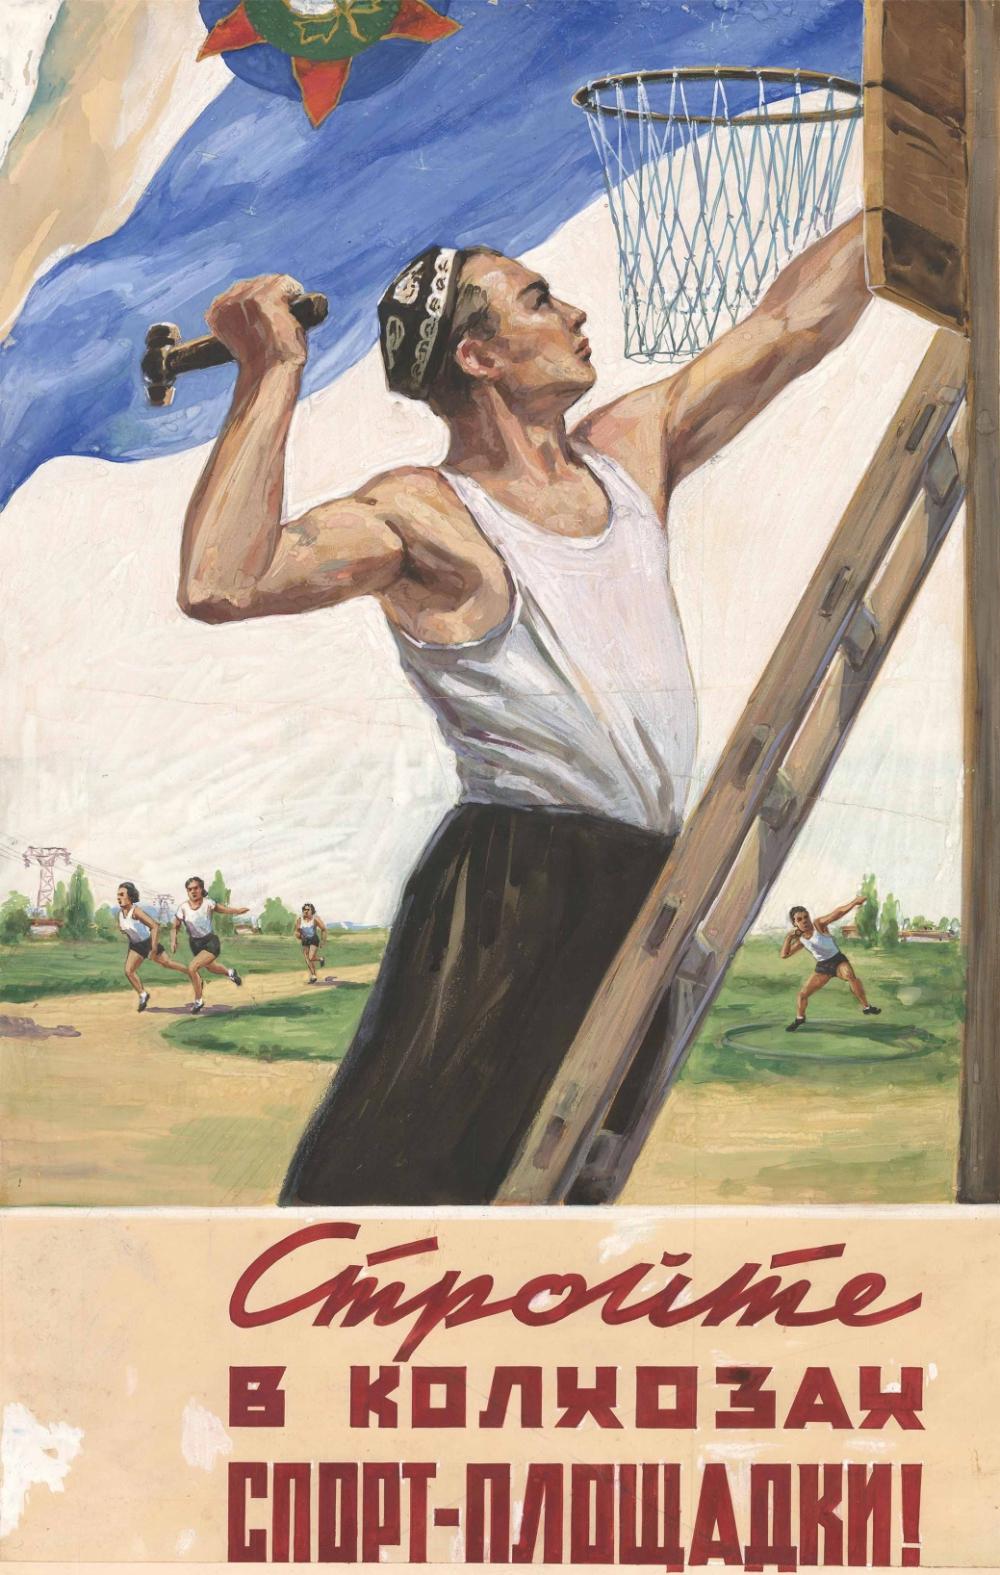 Оригинал-макет плаката «Стройте в колхозах спорт-площадки!»